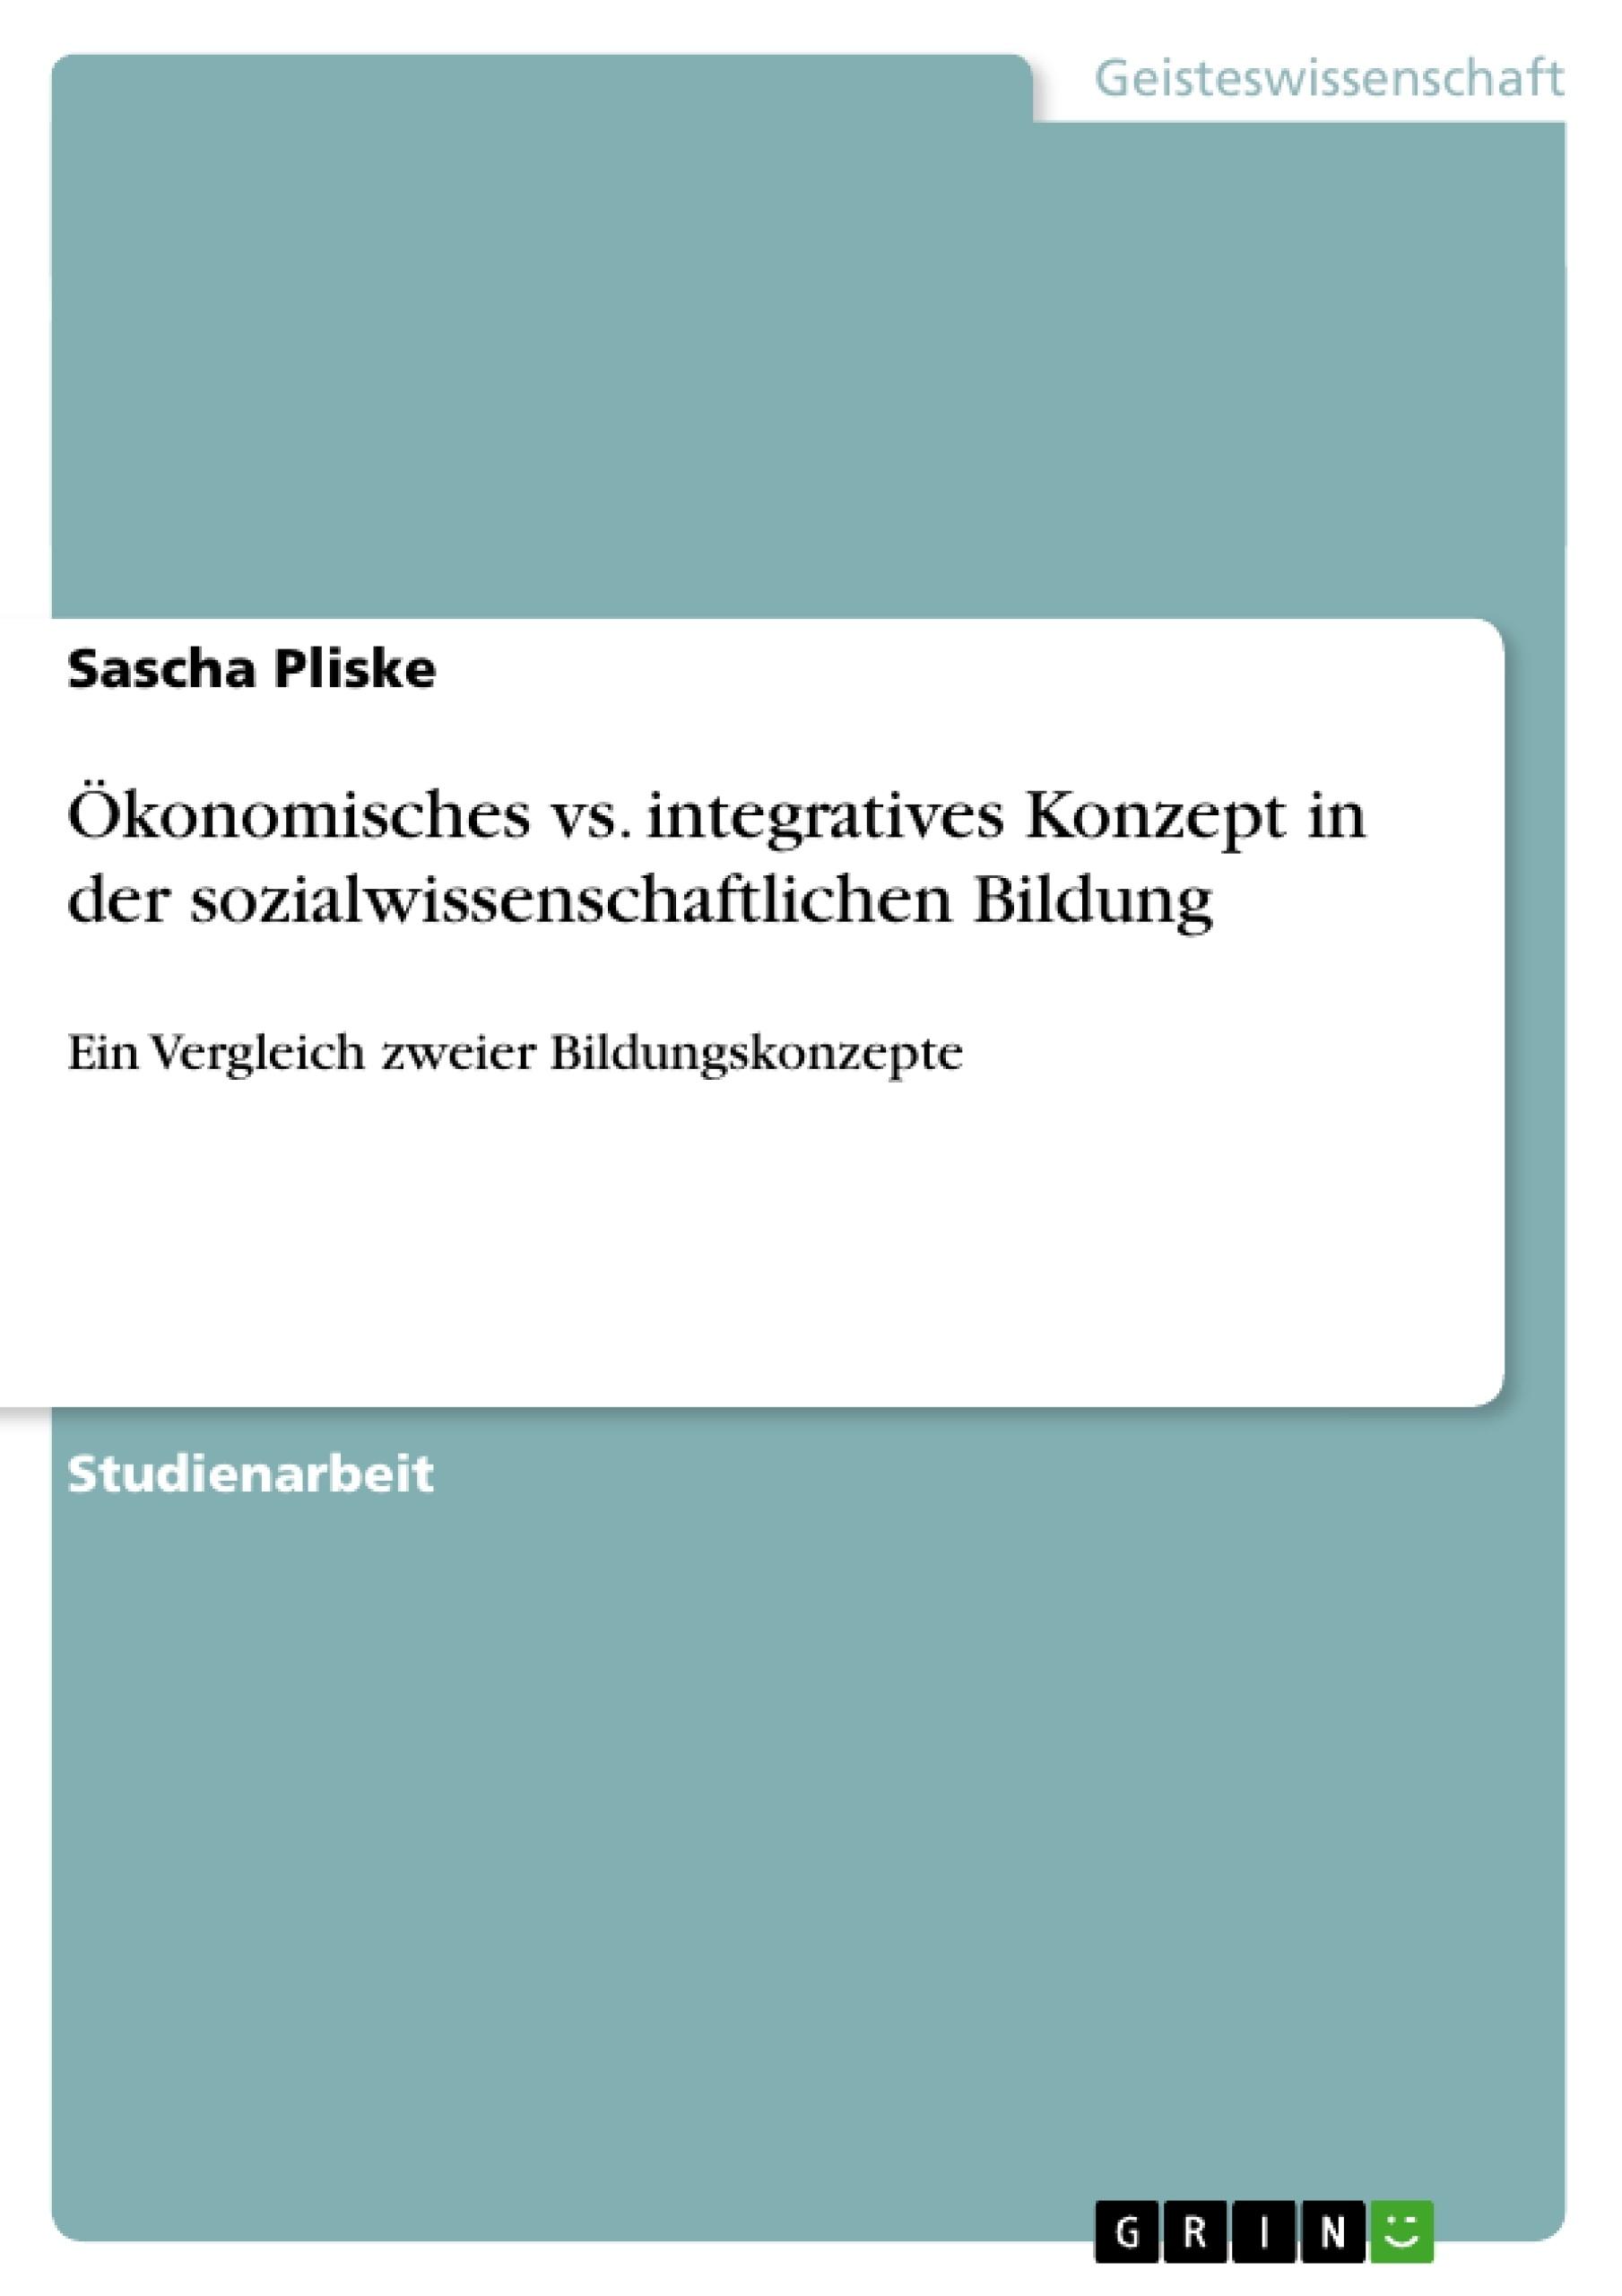 Titel: Ökonomisches vs. integratives Konzept in der sozialwissenschaftlichen Bildung